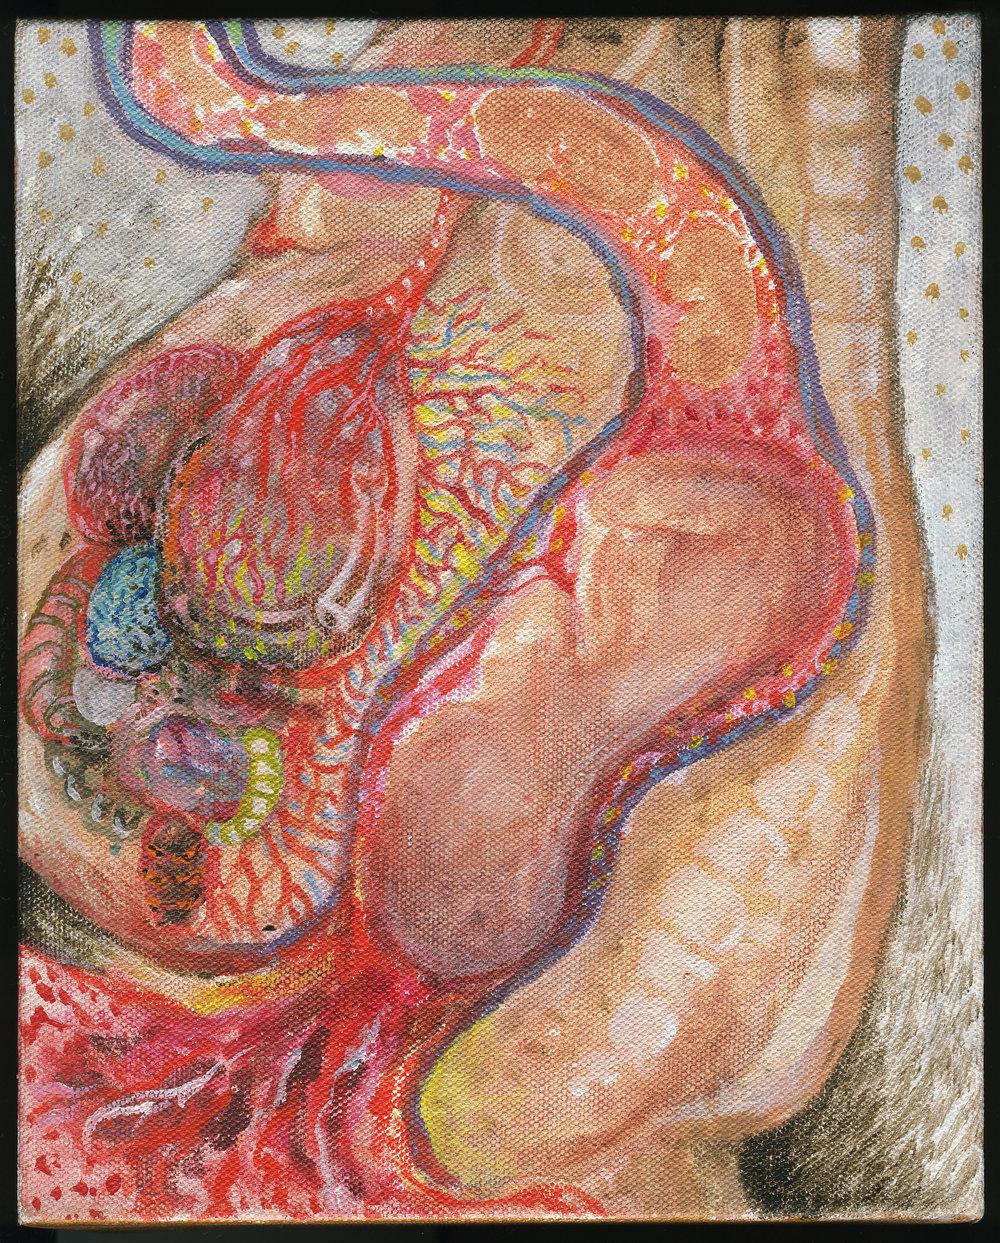 birth canal